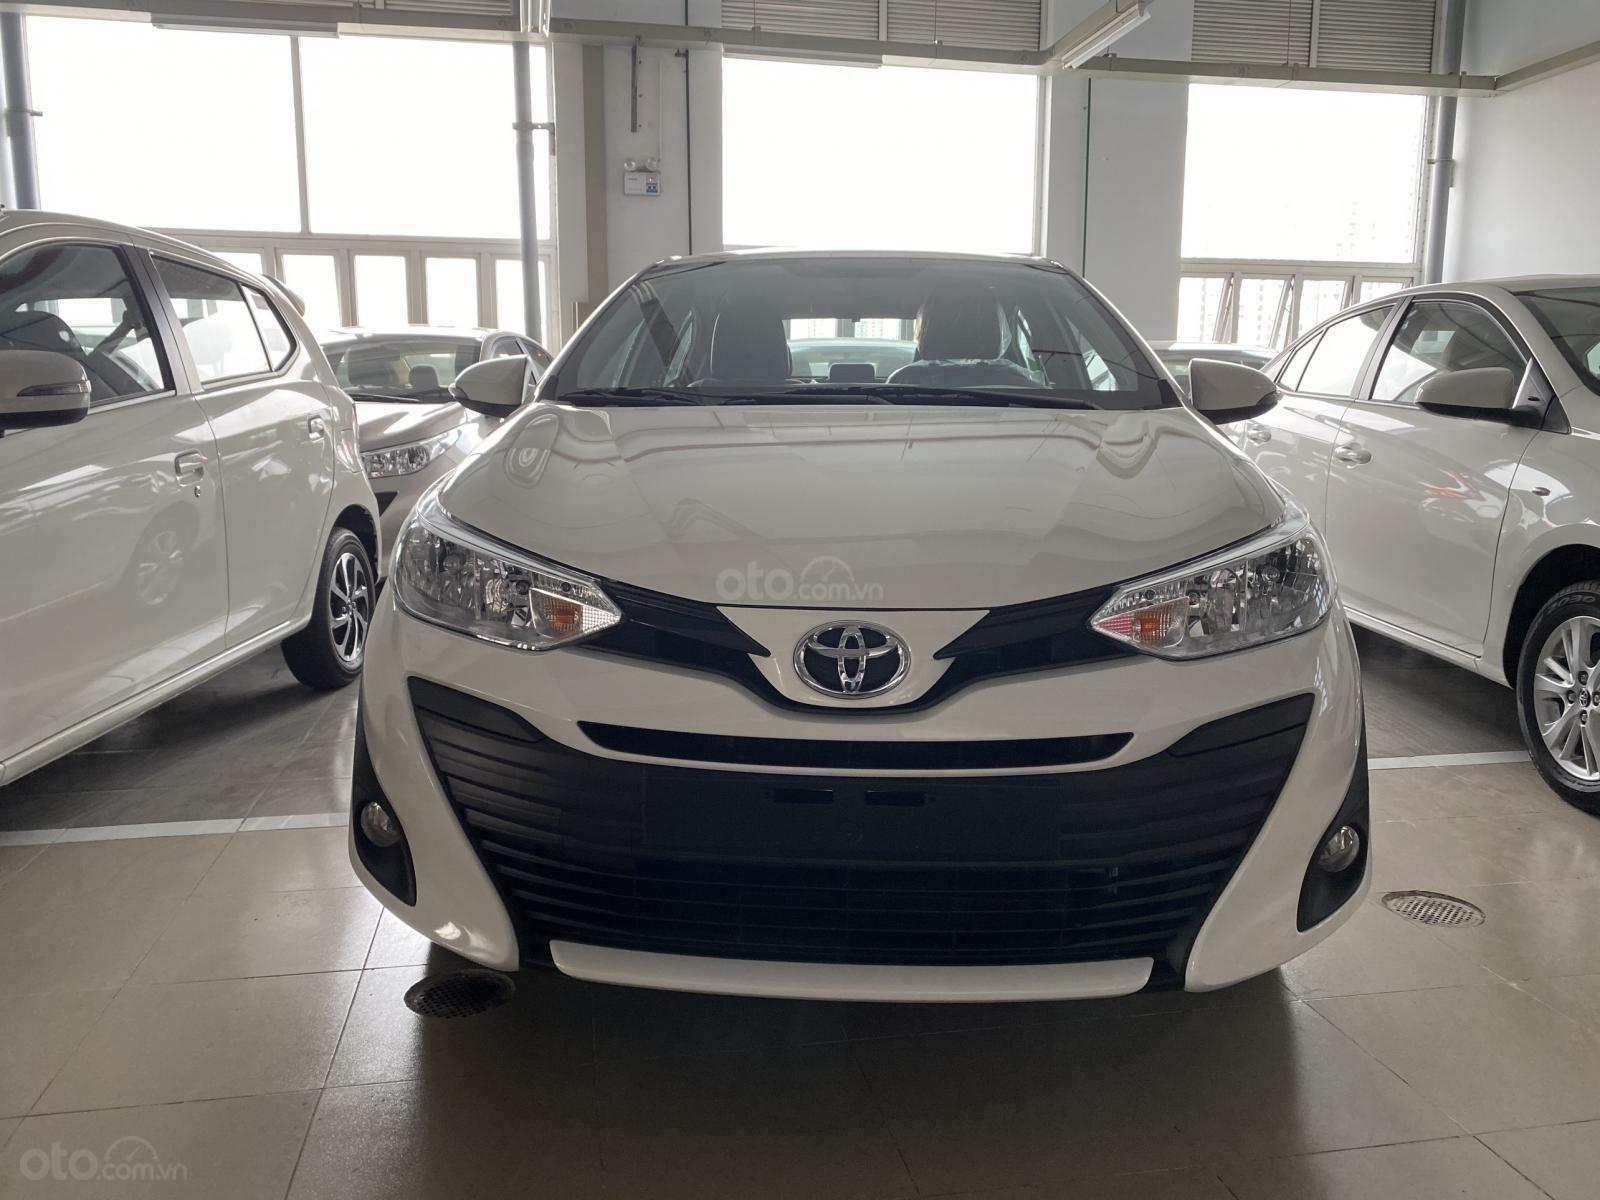 Bán Toyota Vios New 2020 full đồ chơi chính hãng - 0908222277 khuyến mãi bảo hiểm thân xe (1)